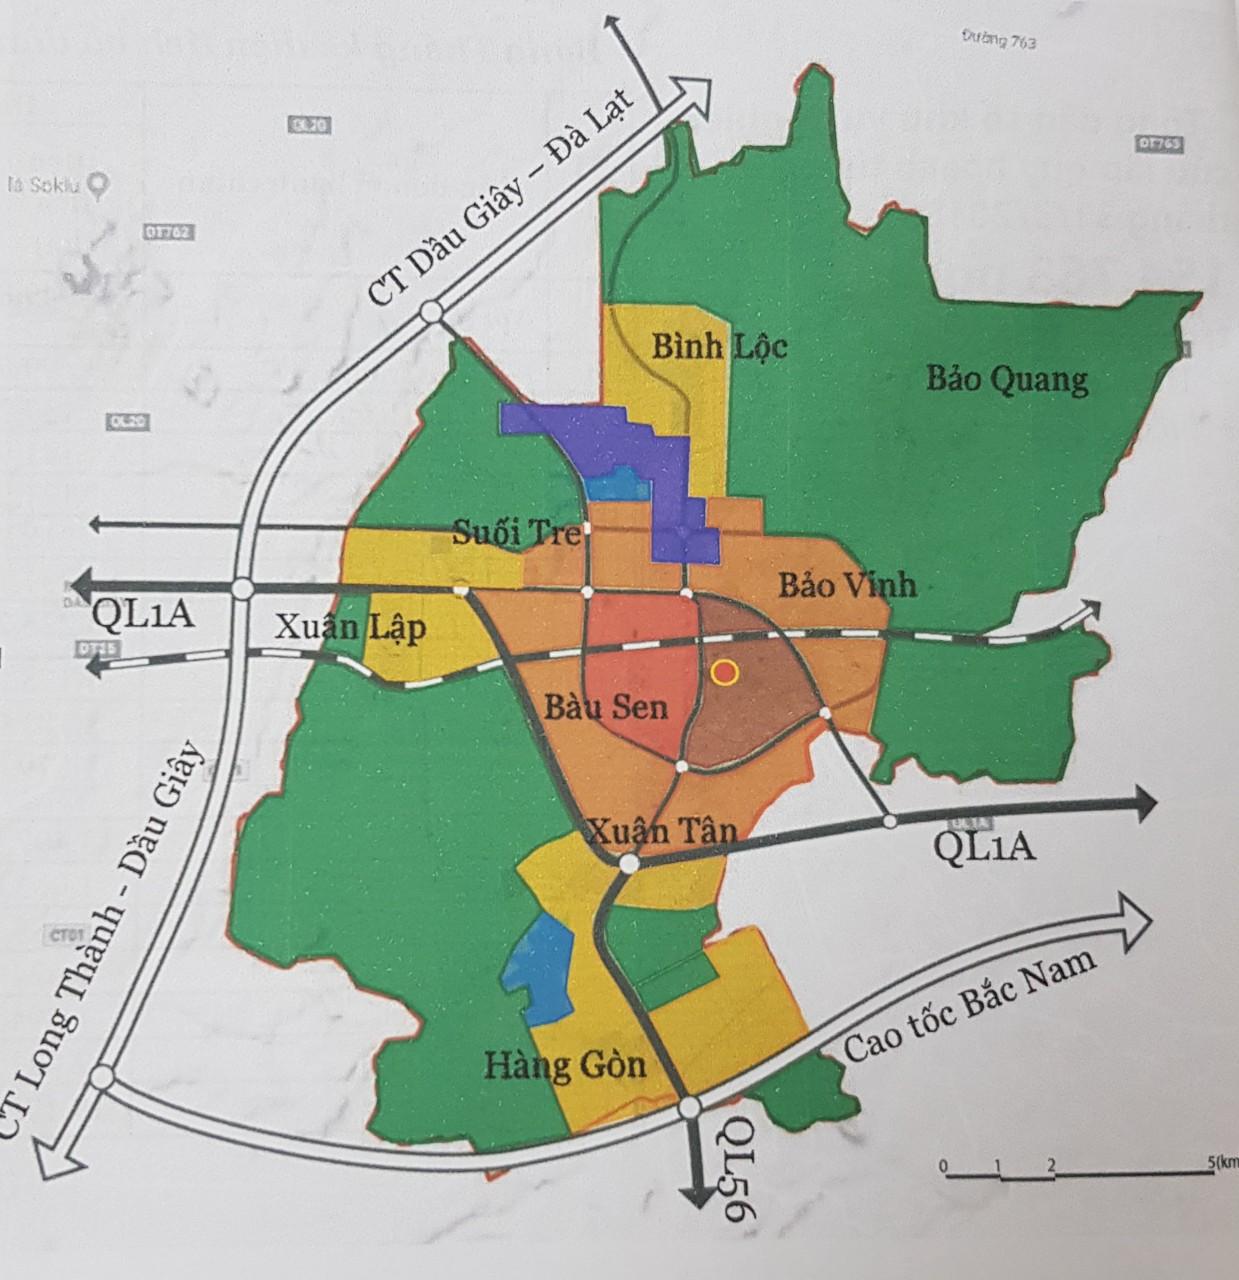 Đồng Nai: Thêm một qui hoạch thành phố rộng 191 km2 cạnh cao tốc Long Thành - Dầu Giây - Ảnh 1.